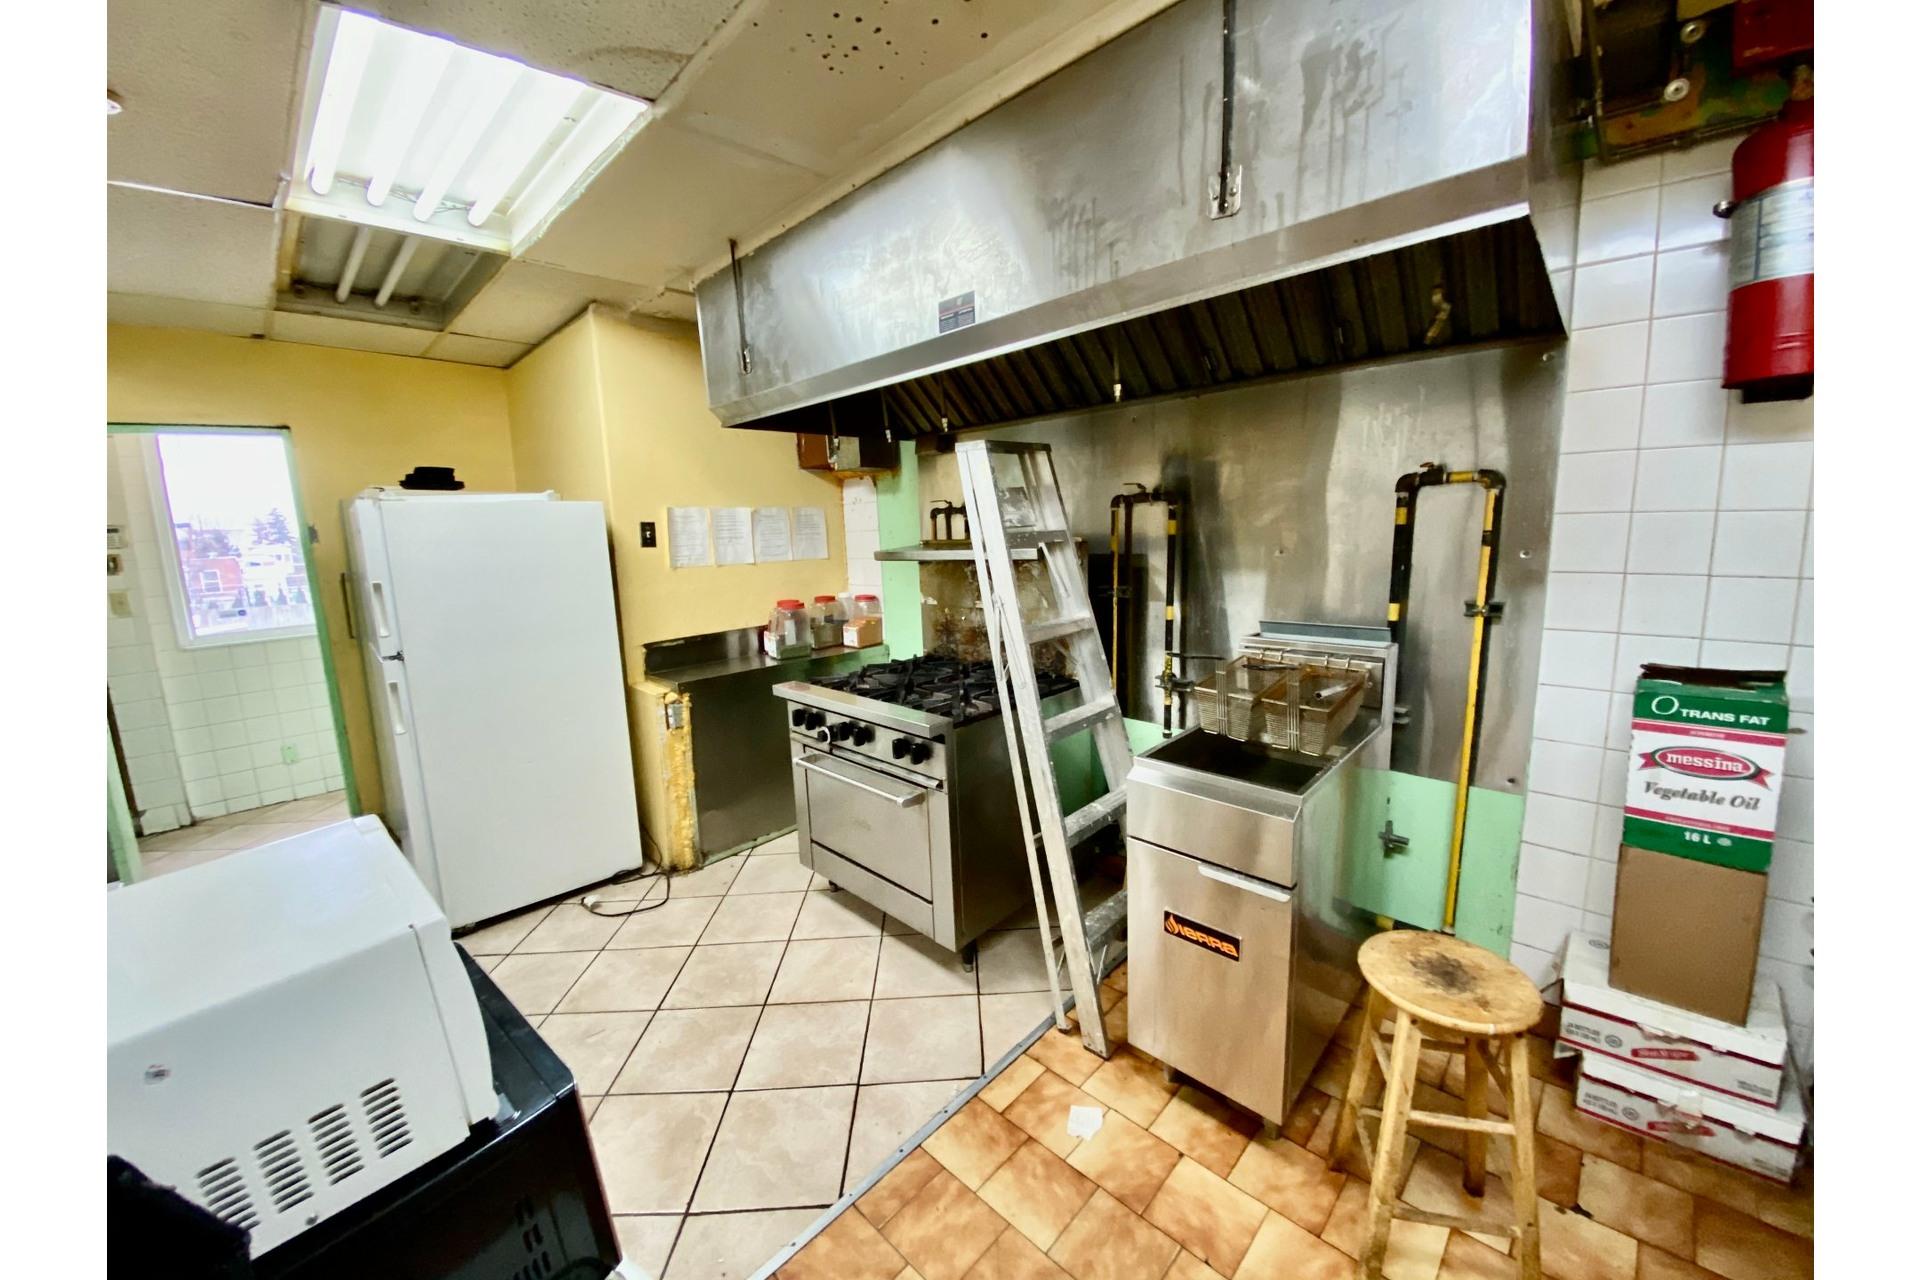 image 10 - Quadruplex En venta Lachine Montréal  - 5 habitaciones